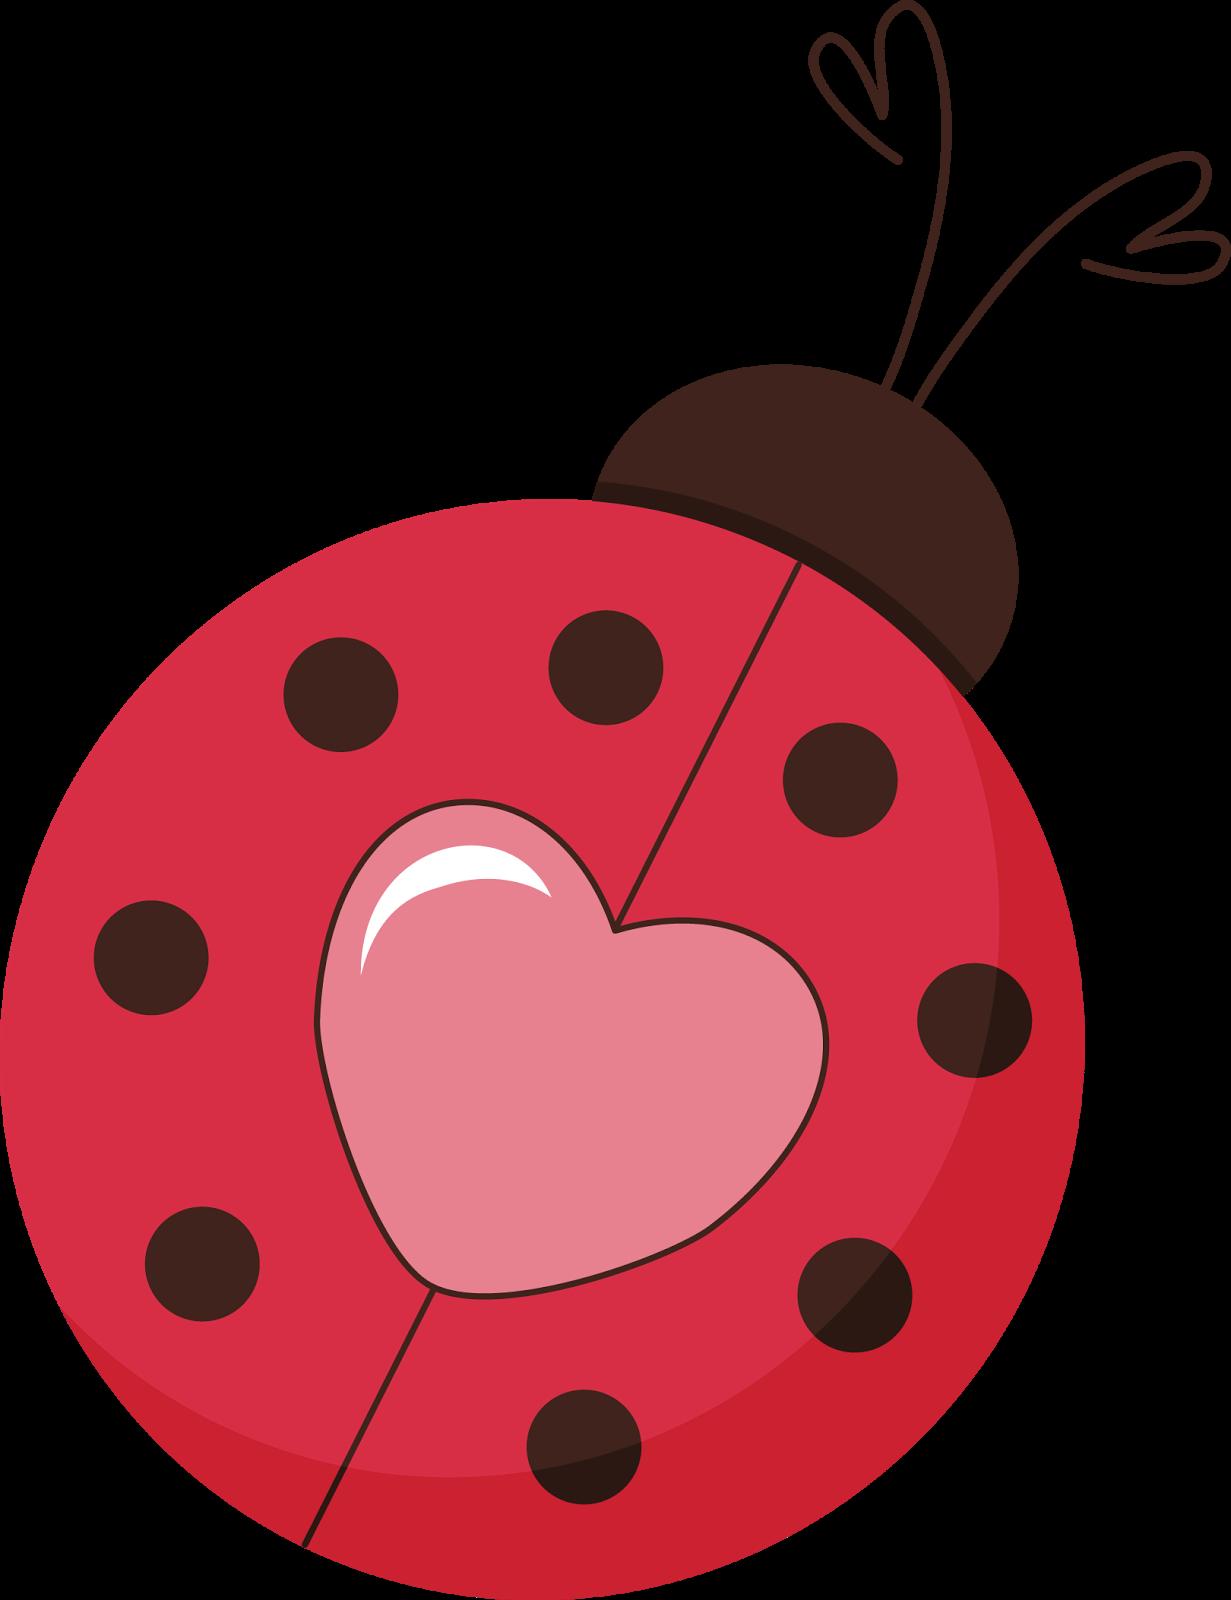 Ladybug adorable